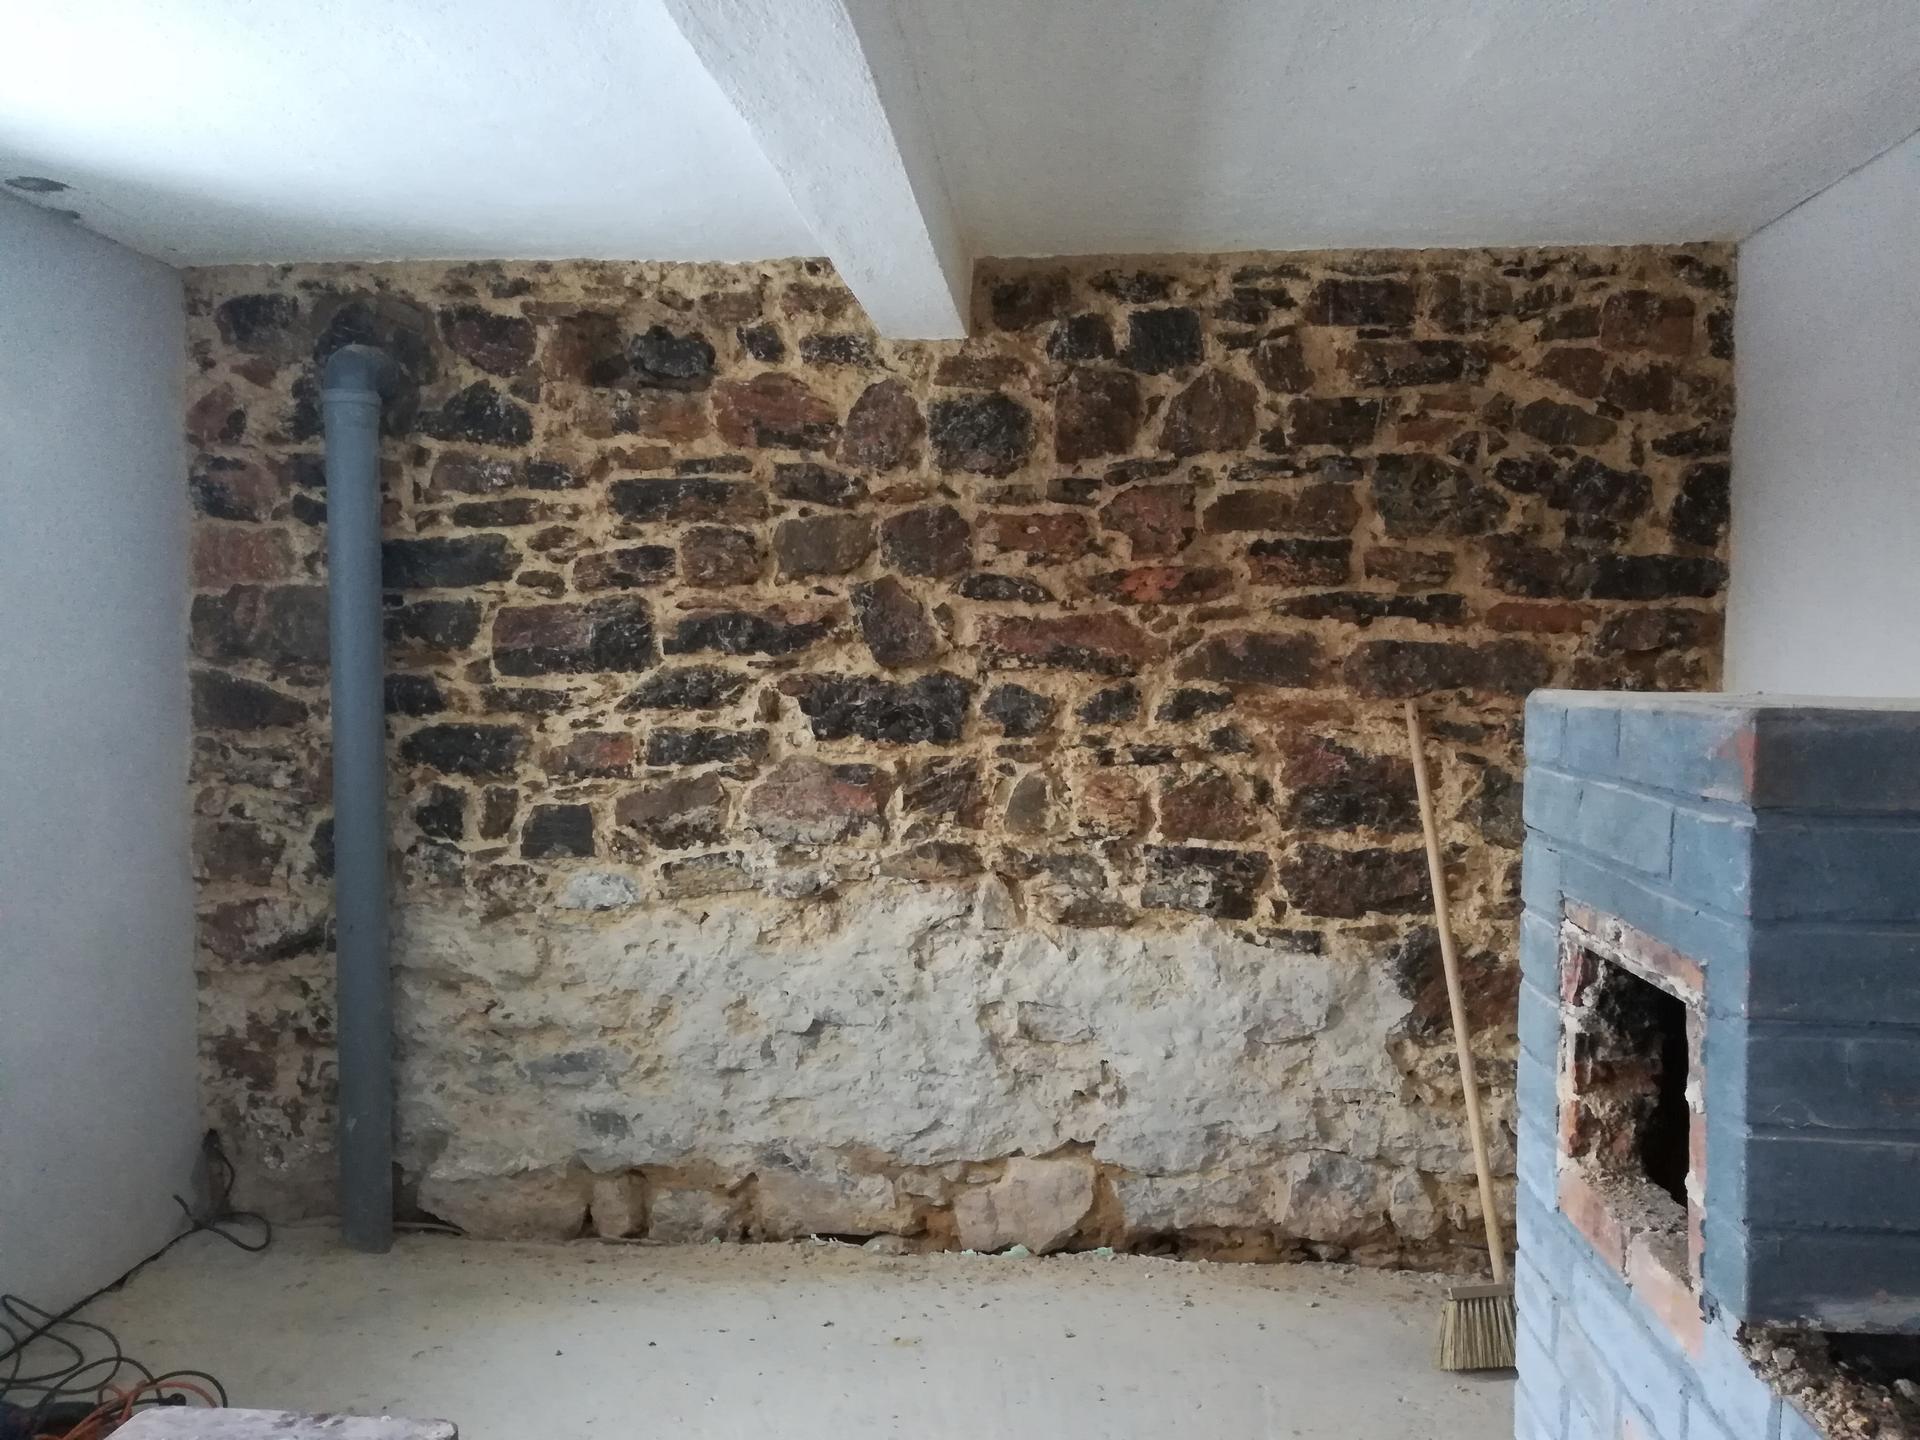 Letná kuchyňa. Inšpirácie vs. realita - Kameň očistený a nalakovaný. Na tejto stene bude kuchynská linka. Vrchná časť iba otvorené police, aby vynikol kameň.